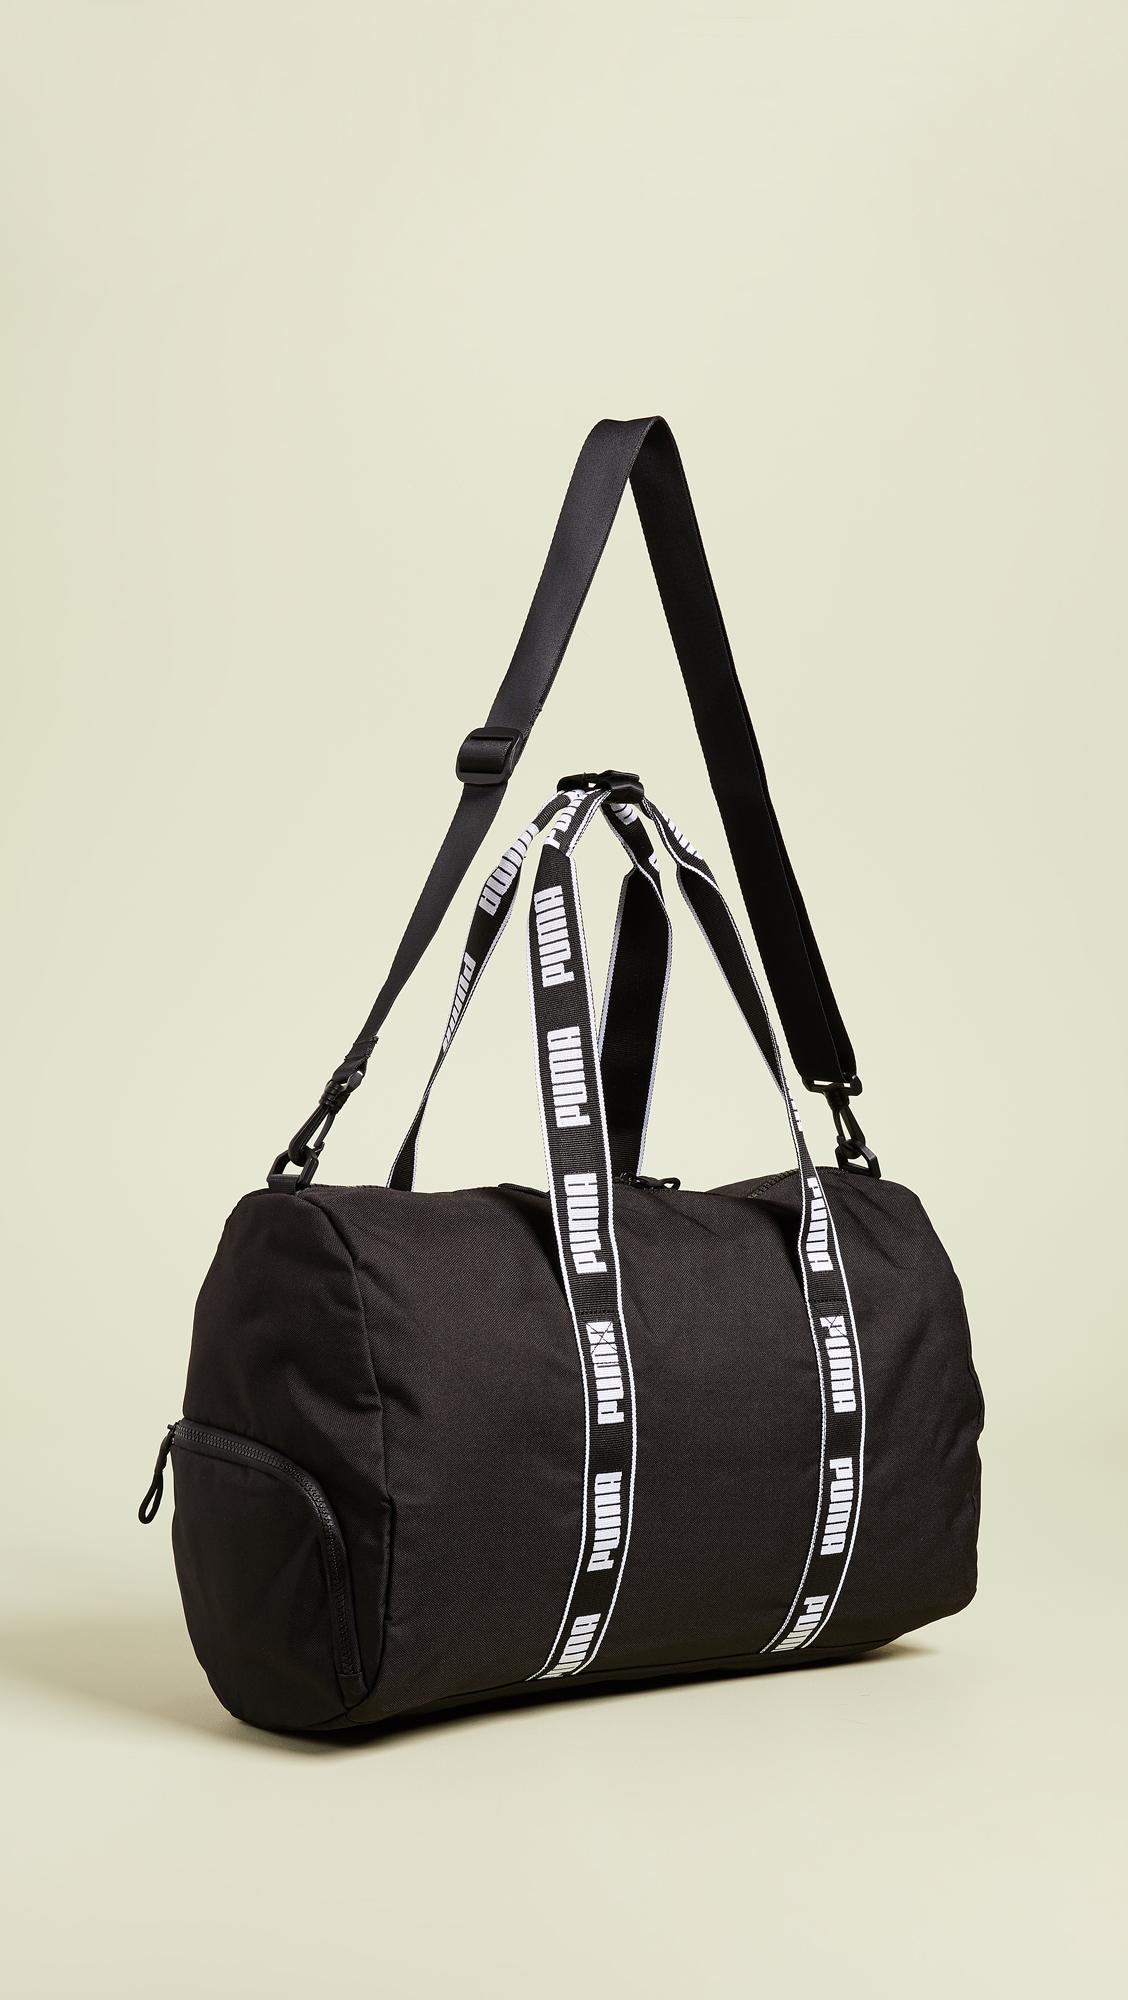 f0422a61cf PUMA Conveyor Duffel Bag